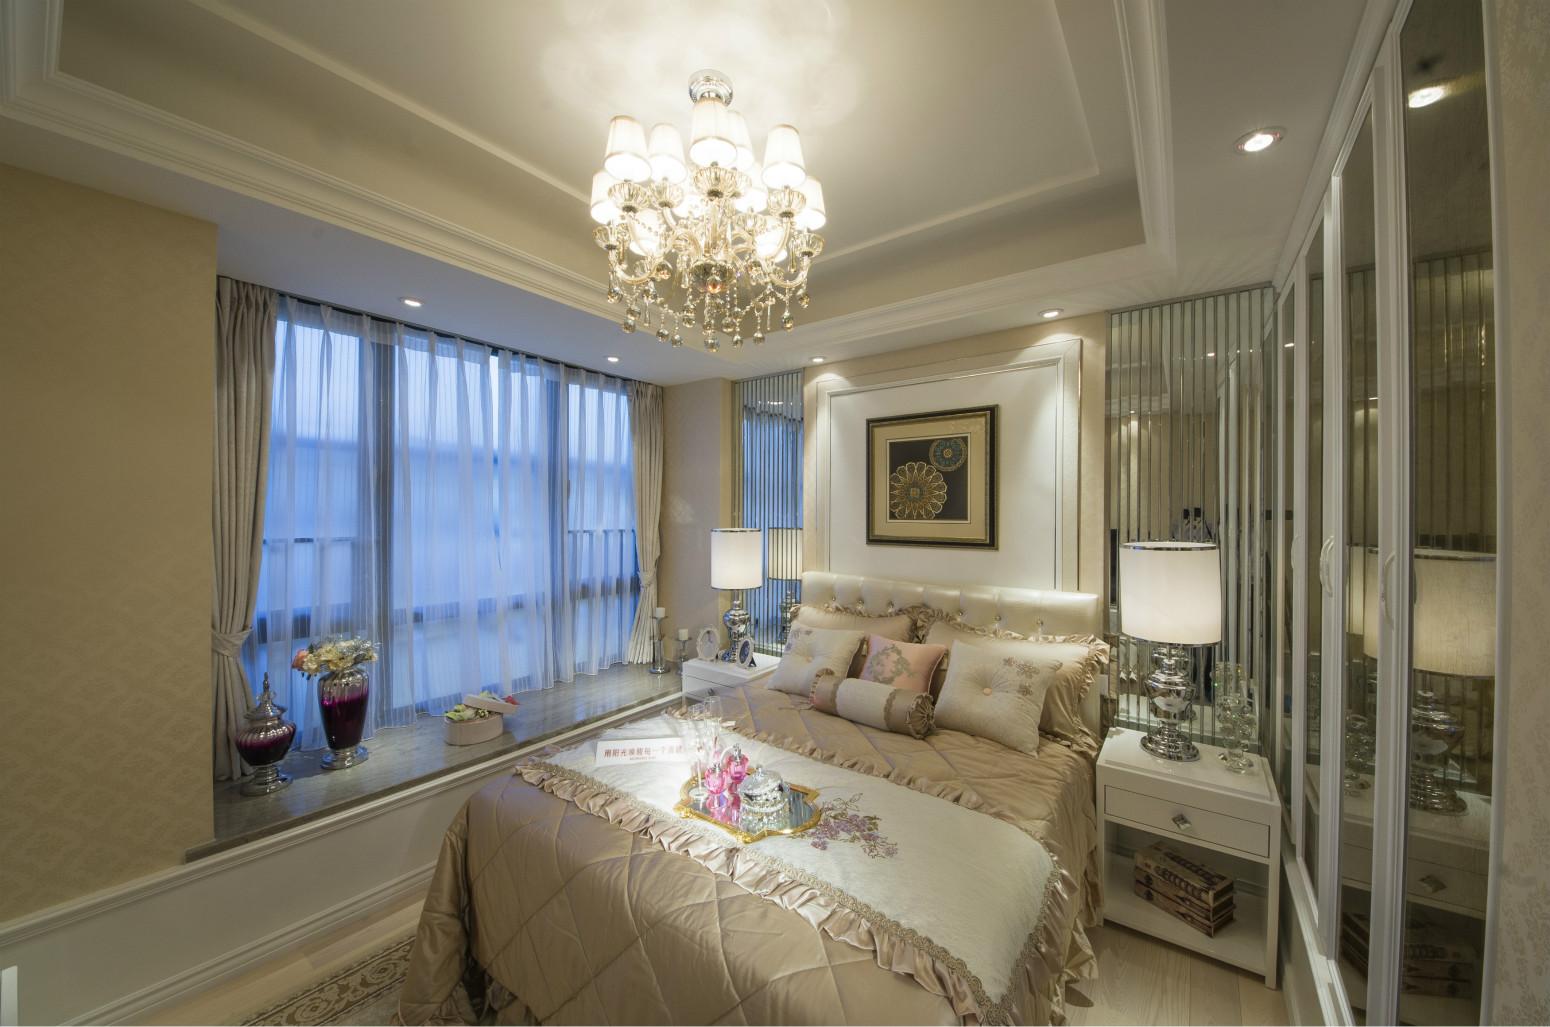 次卧的布置偏可爱一点,用色选用了温馨的暖色,但整个房间看起来都很素雅。